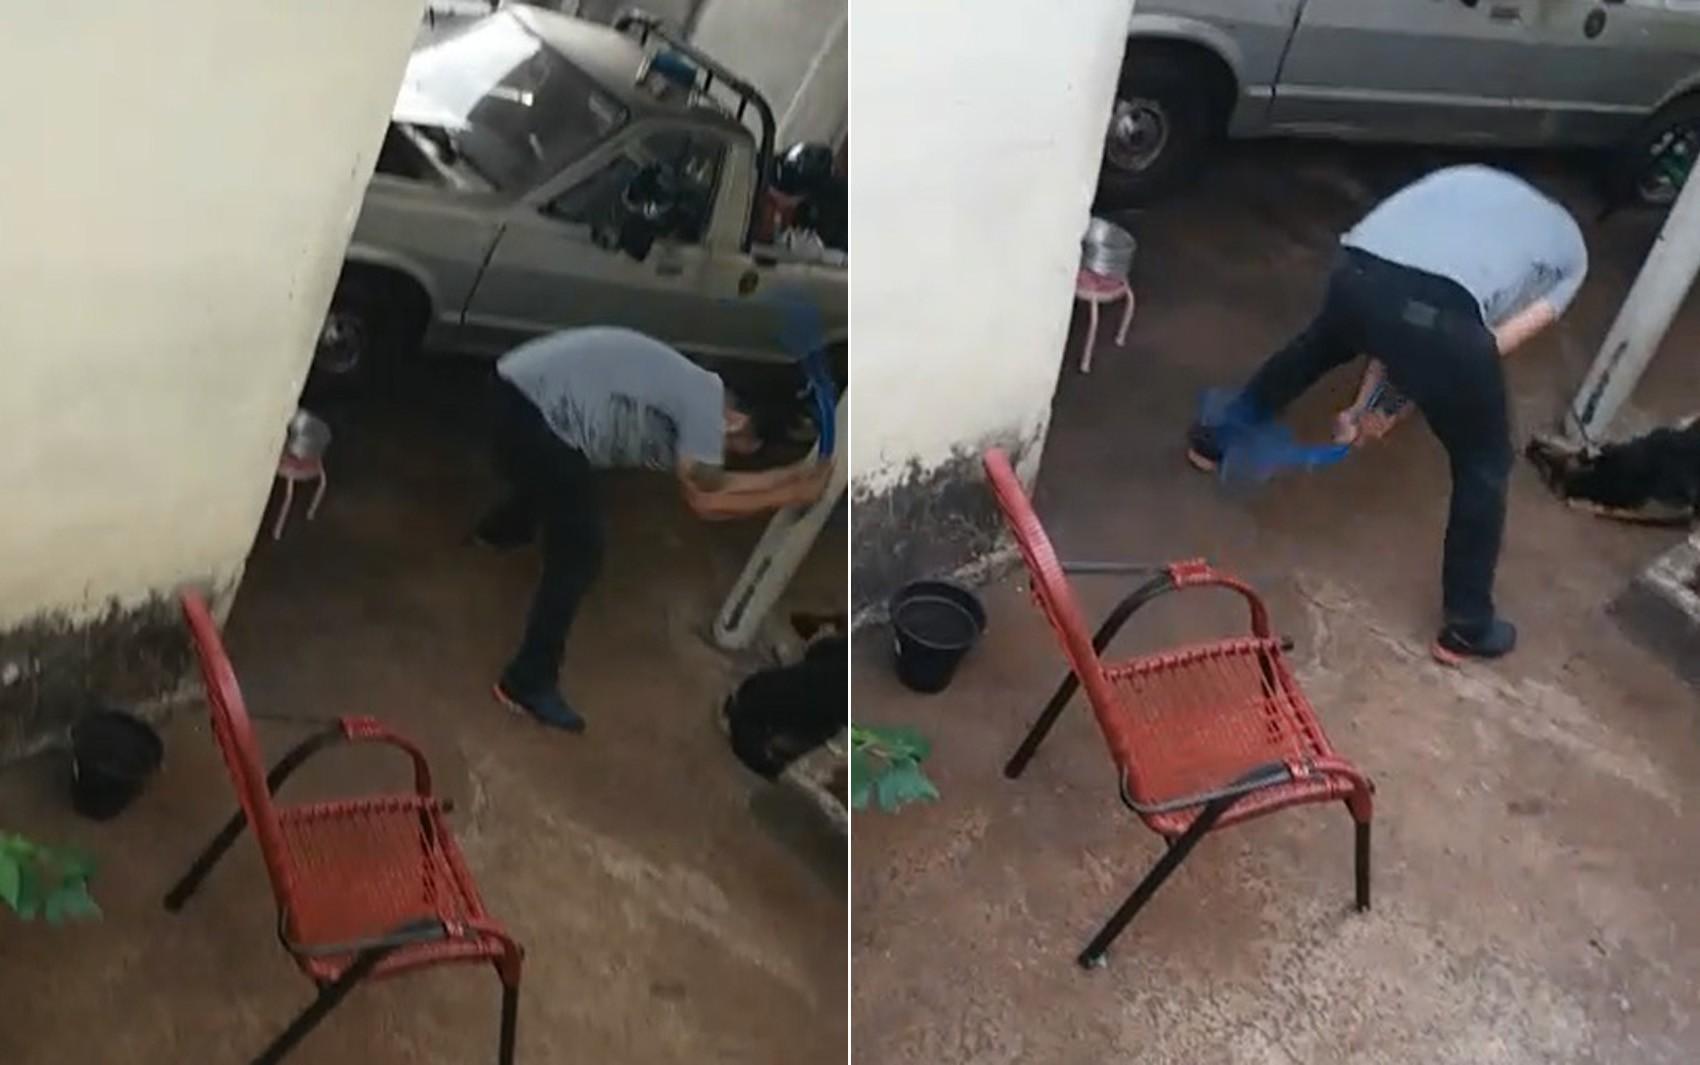 Justiça concede liberdade provisória a pastor suspeito de agredir cadela com mangueira em Ribeirão Preto, SP